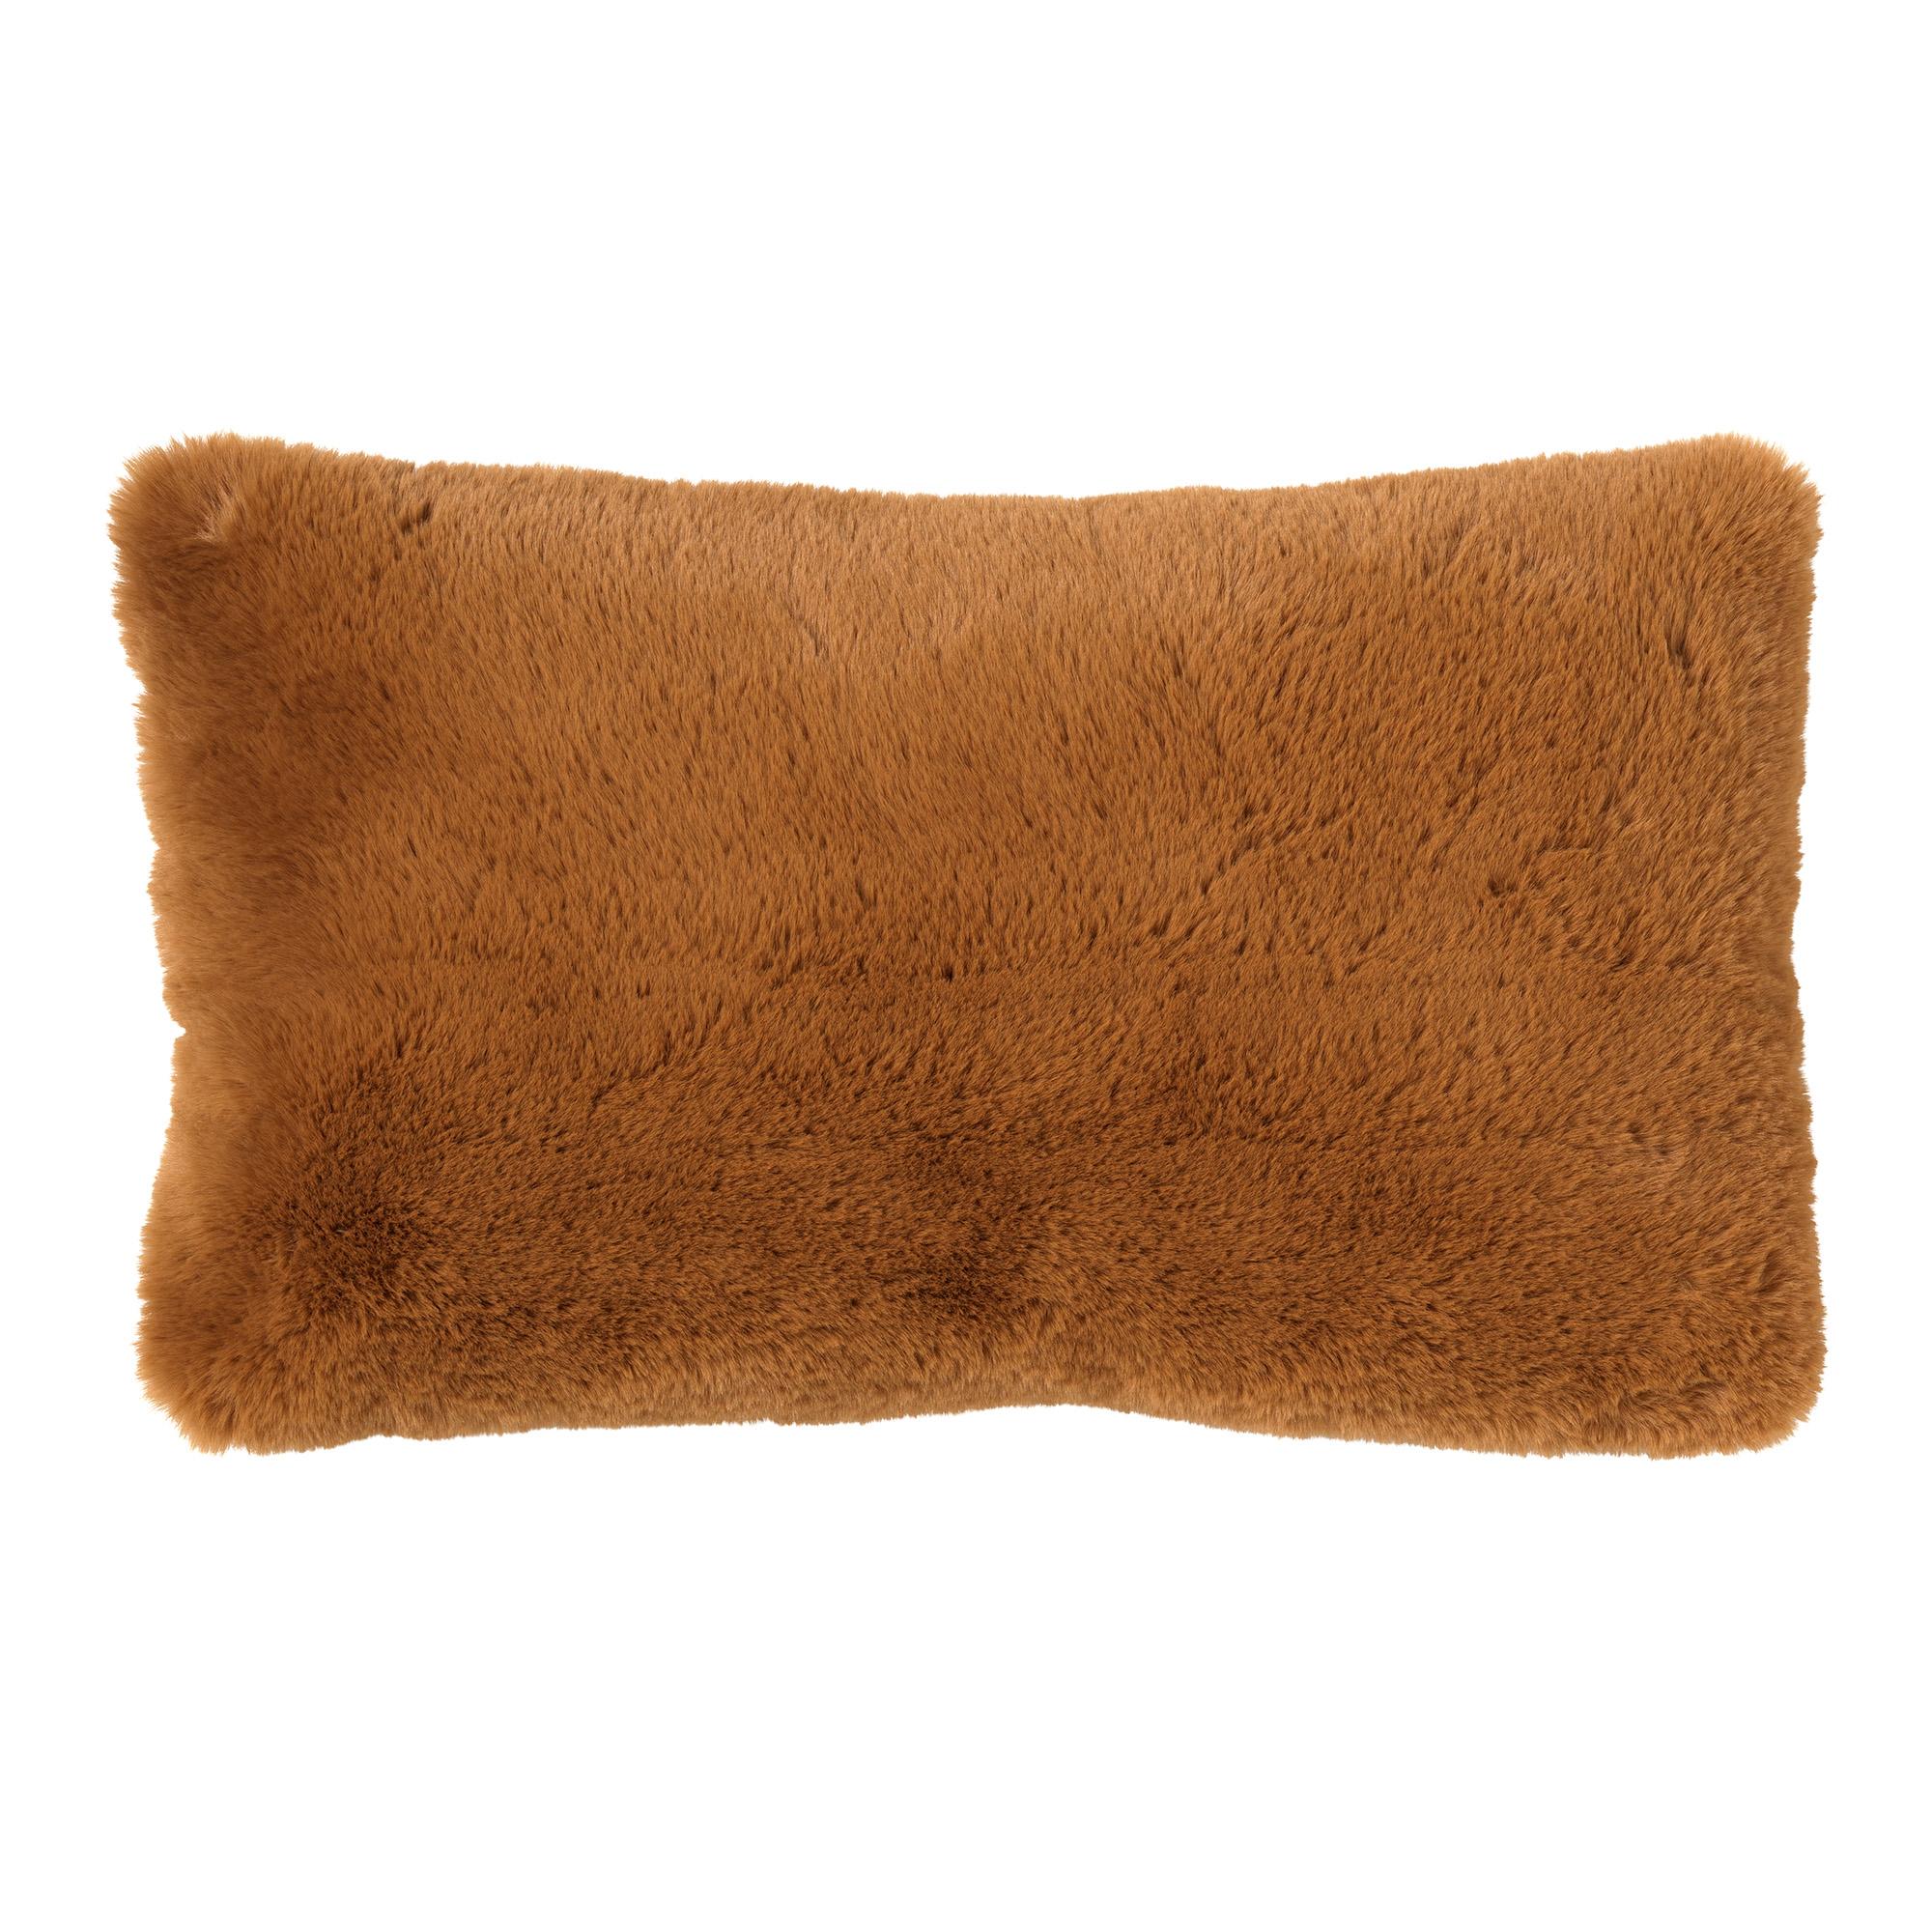 ZAYA - Sierkussen unikleur 30x50 cm Tobacco Brown